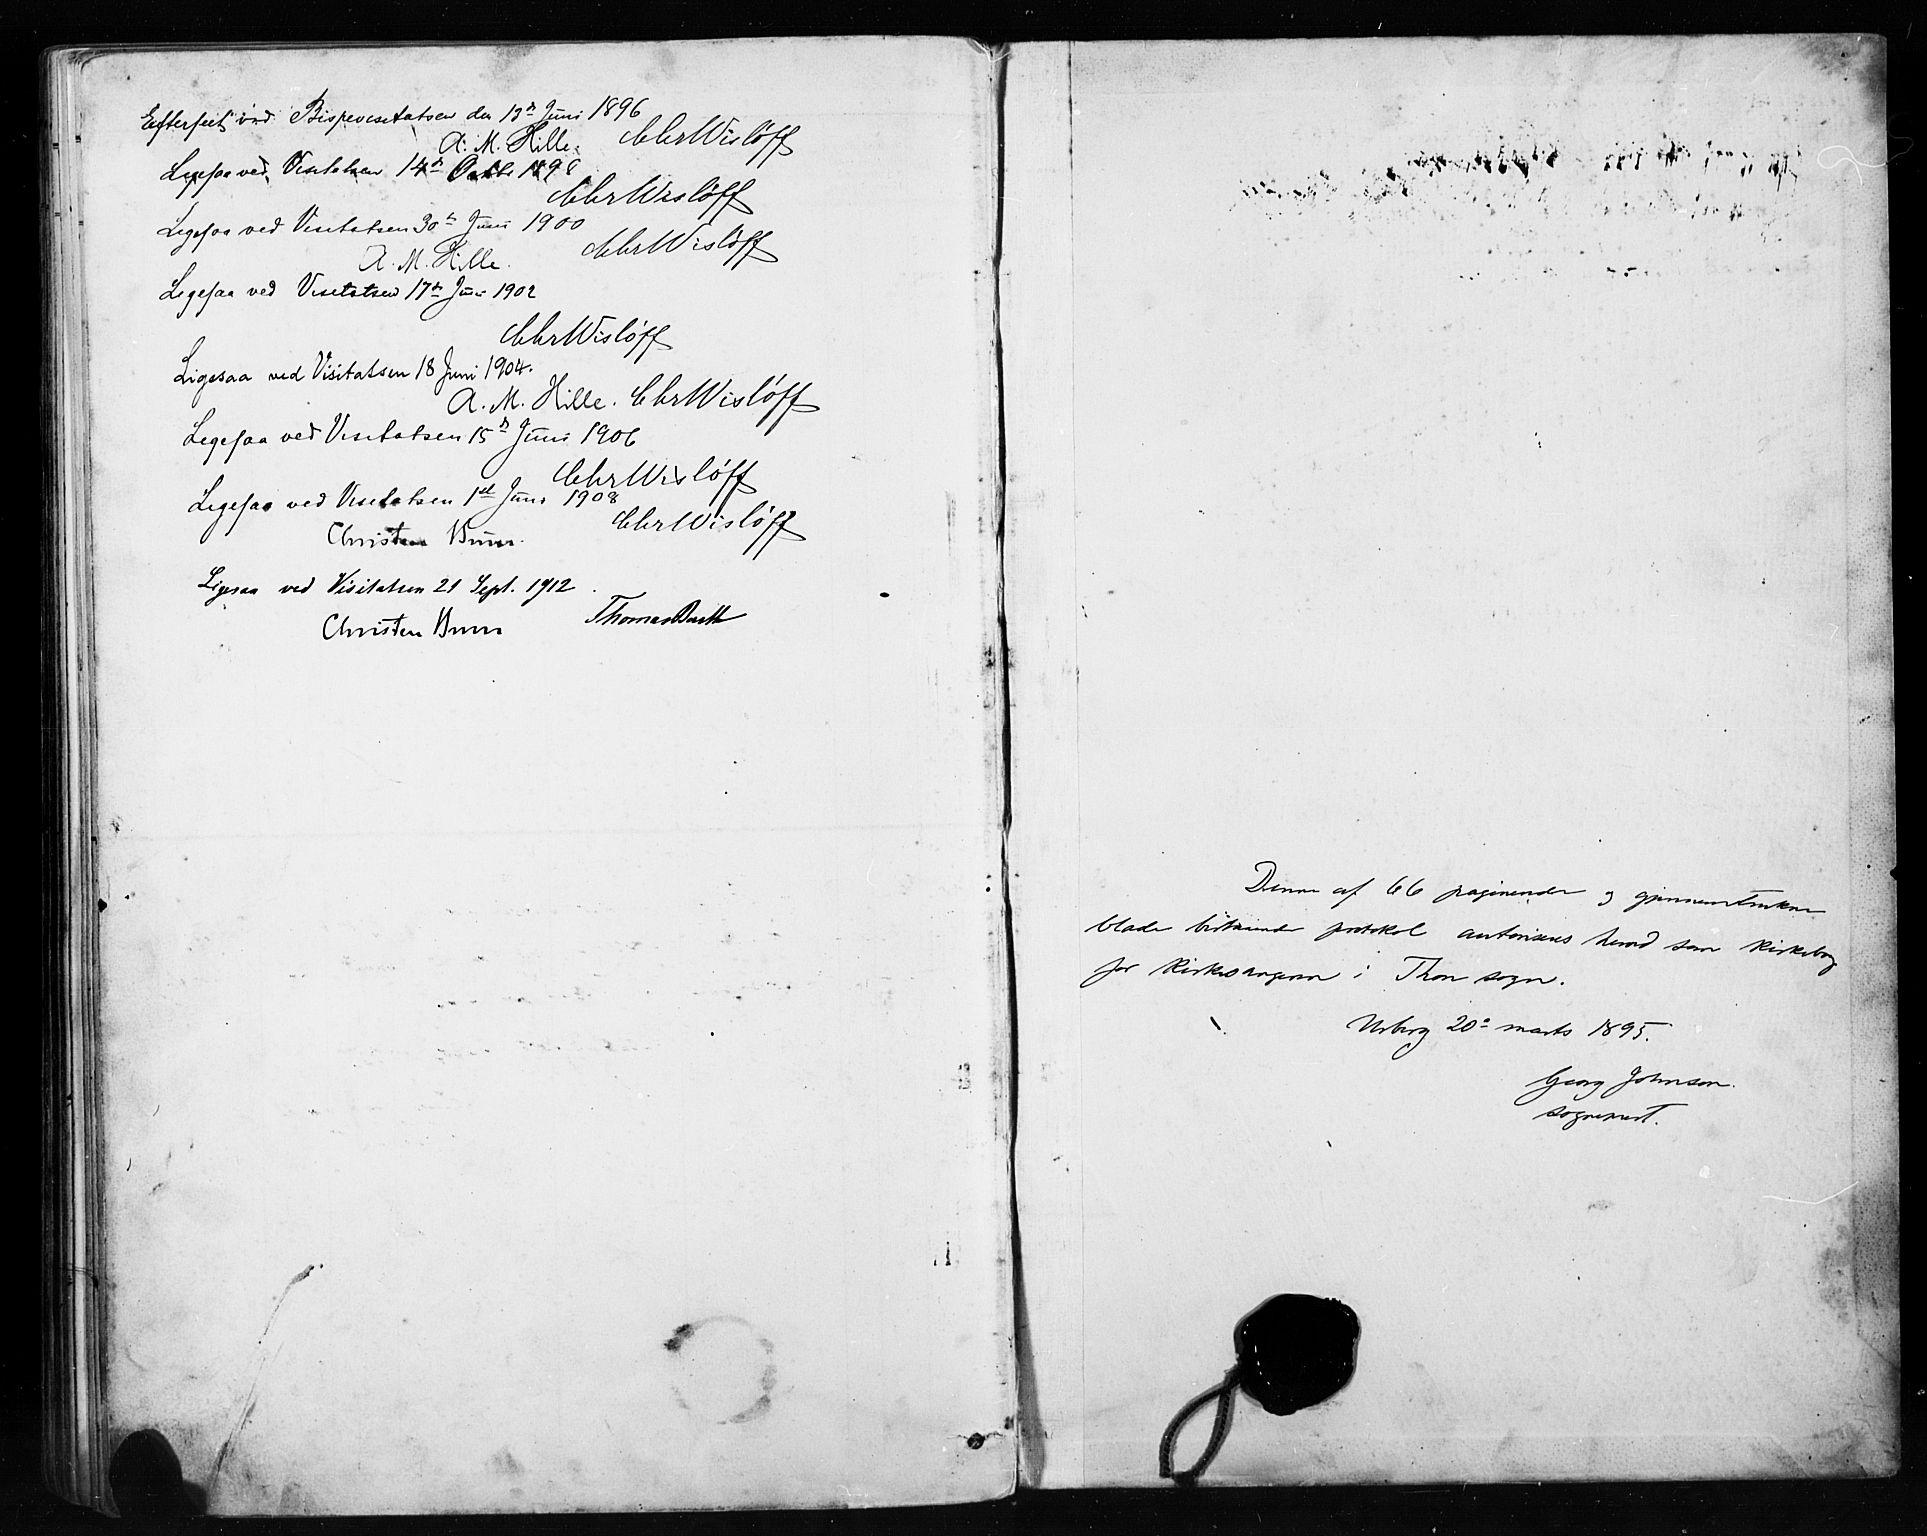 SAH, Etnedal prestekontor, H/Ha/Hab/Habb/L0001: Klokkerbok nr. II 1, 1894-1911